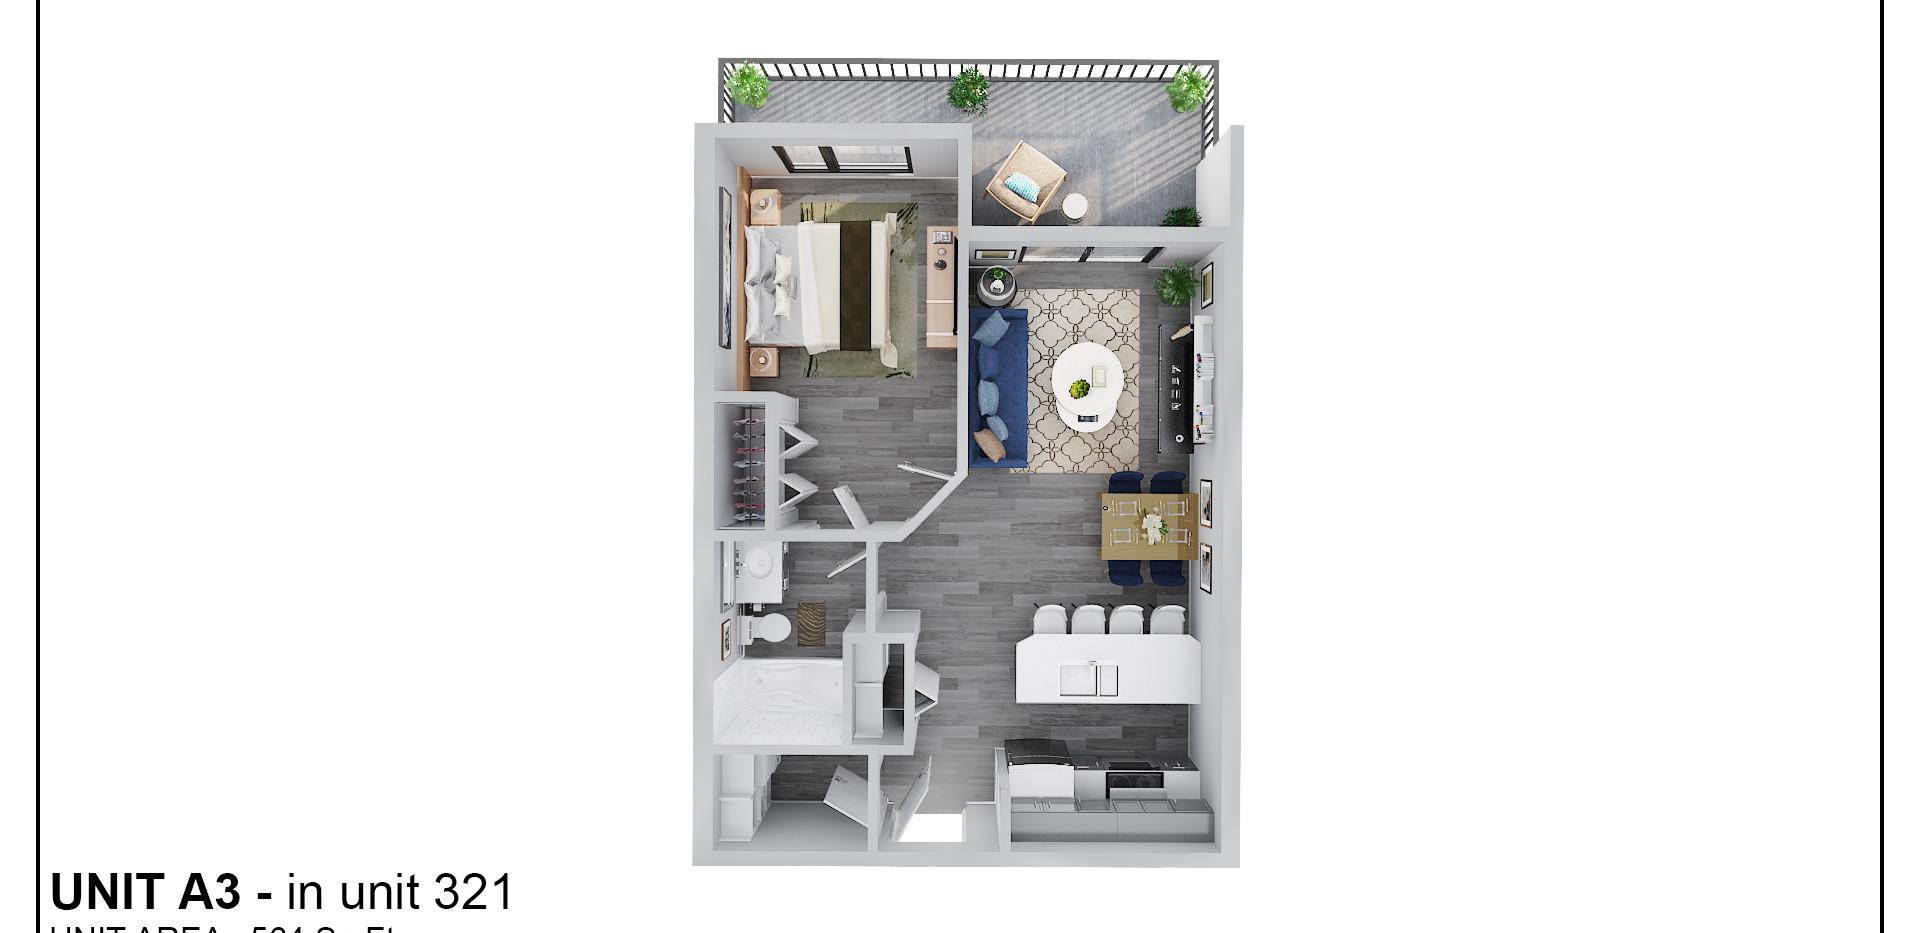 Floor Three - Unit A3 - 321